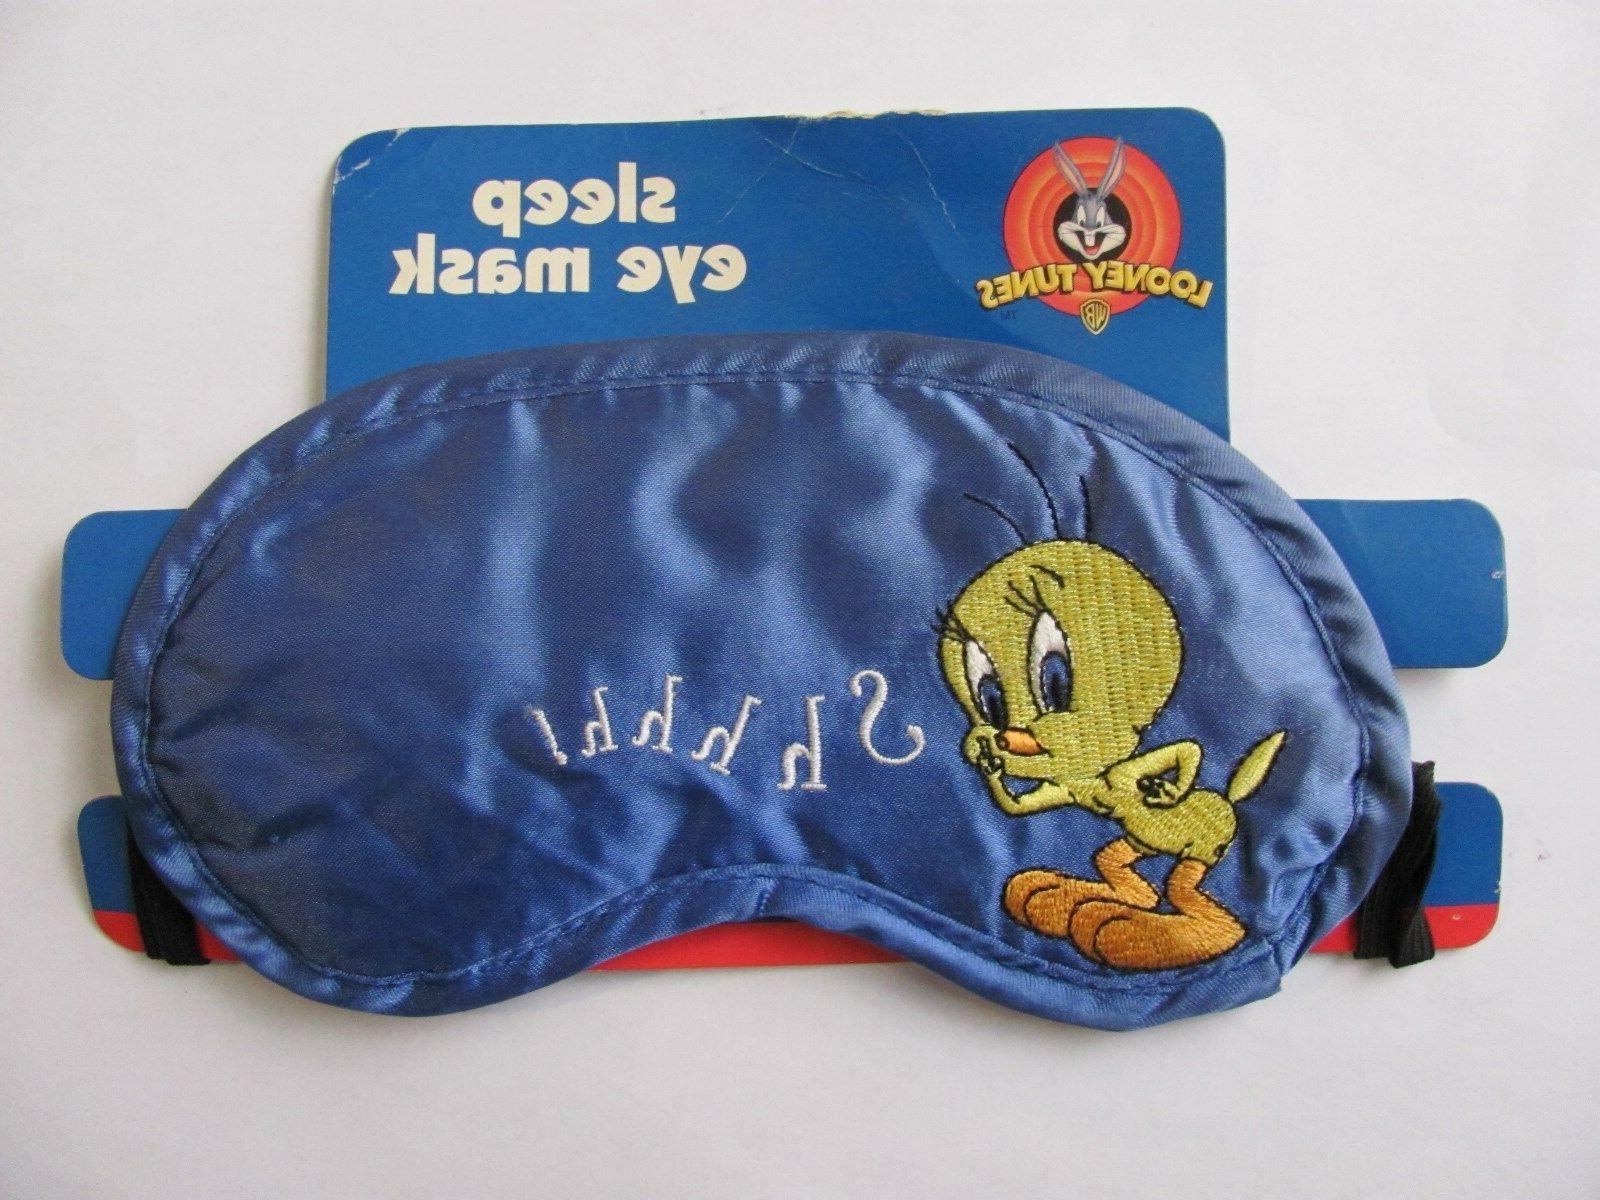 tweety bird sleep eye mask